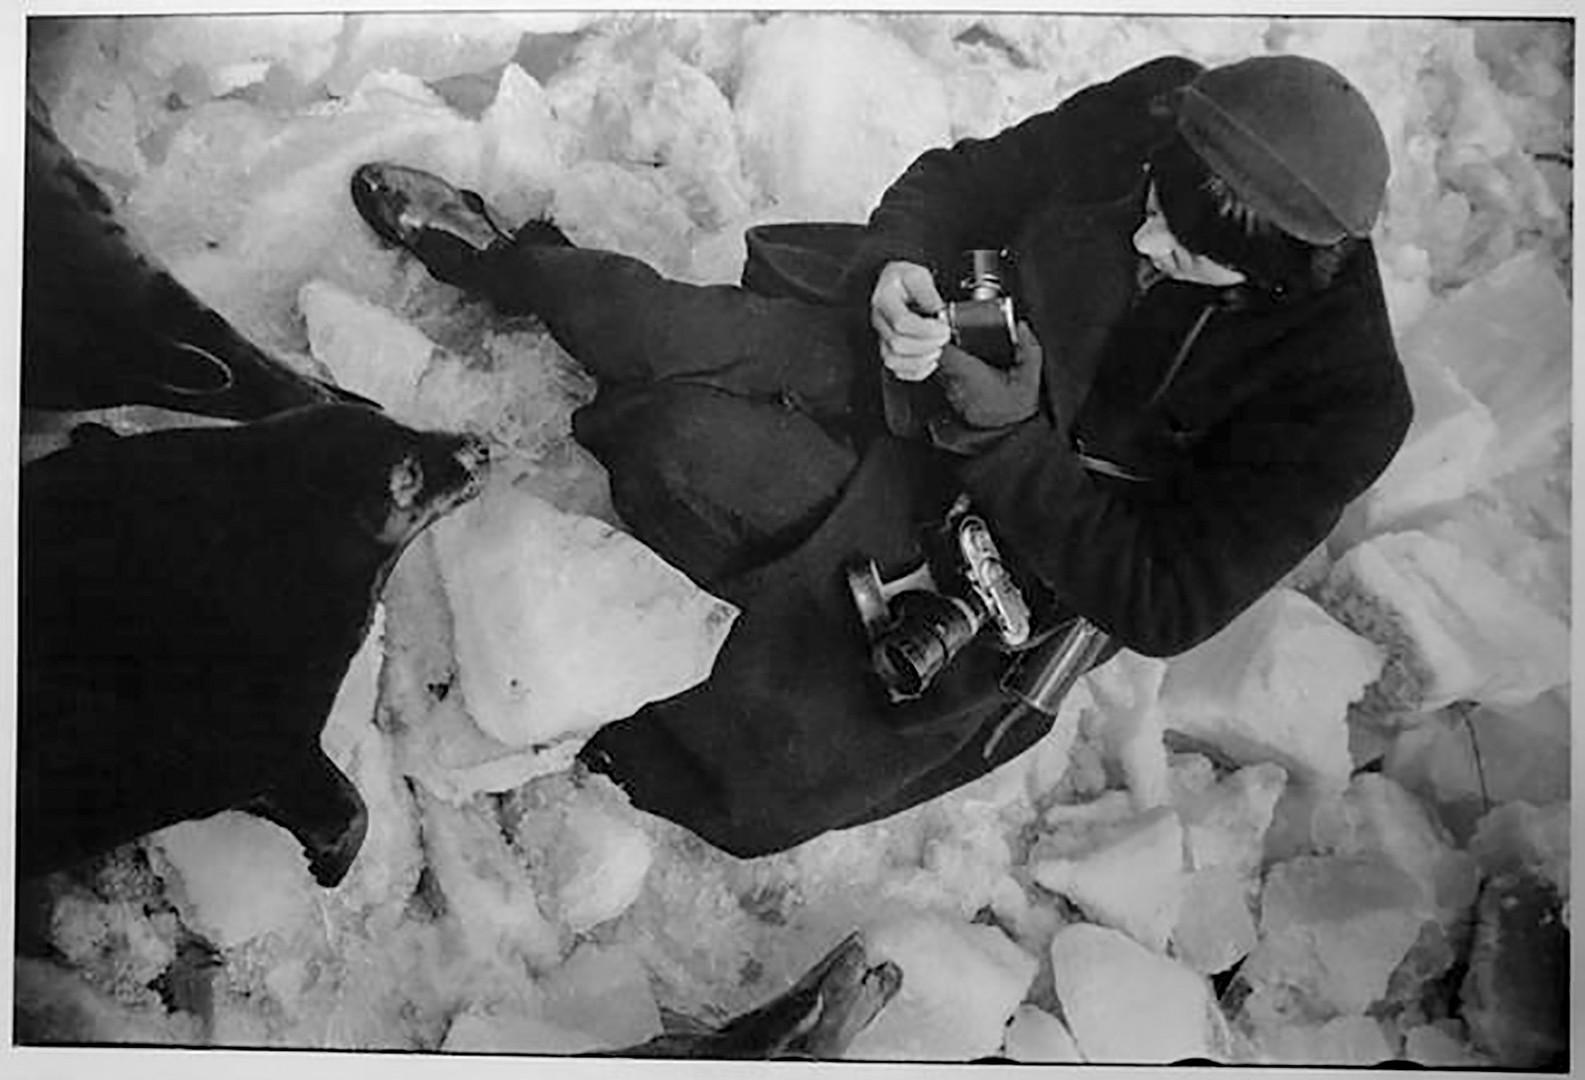 Фоторепортерът Елизавета Игнатович на фотосесия в Московския зоопарк 1934 г.